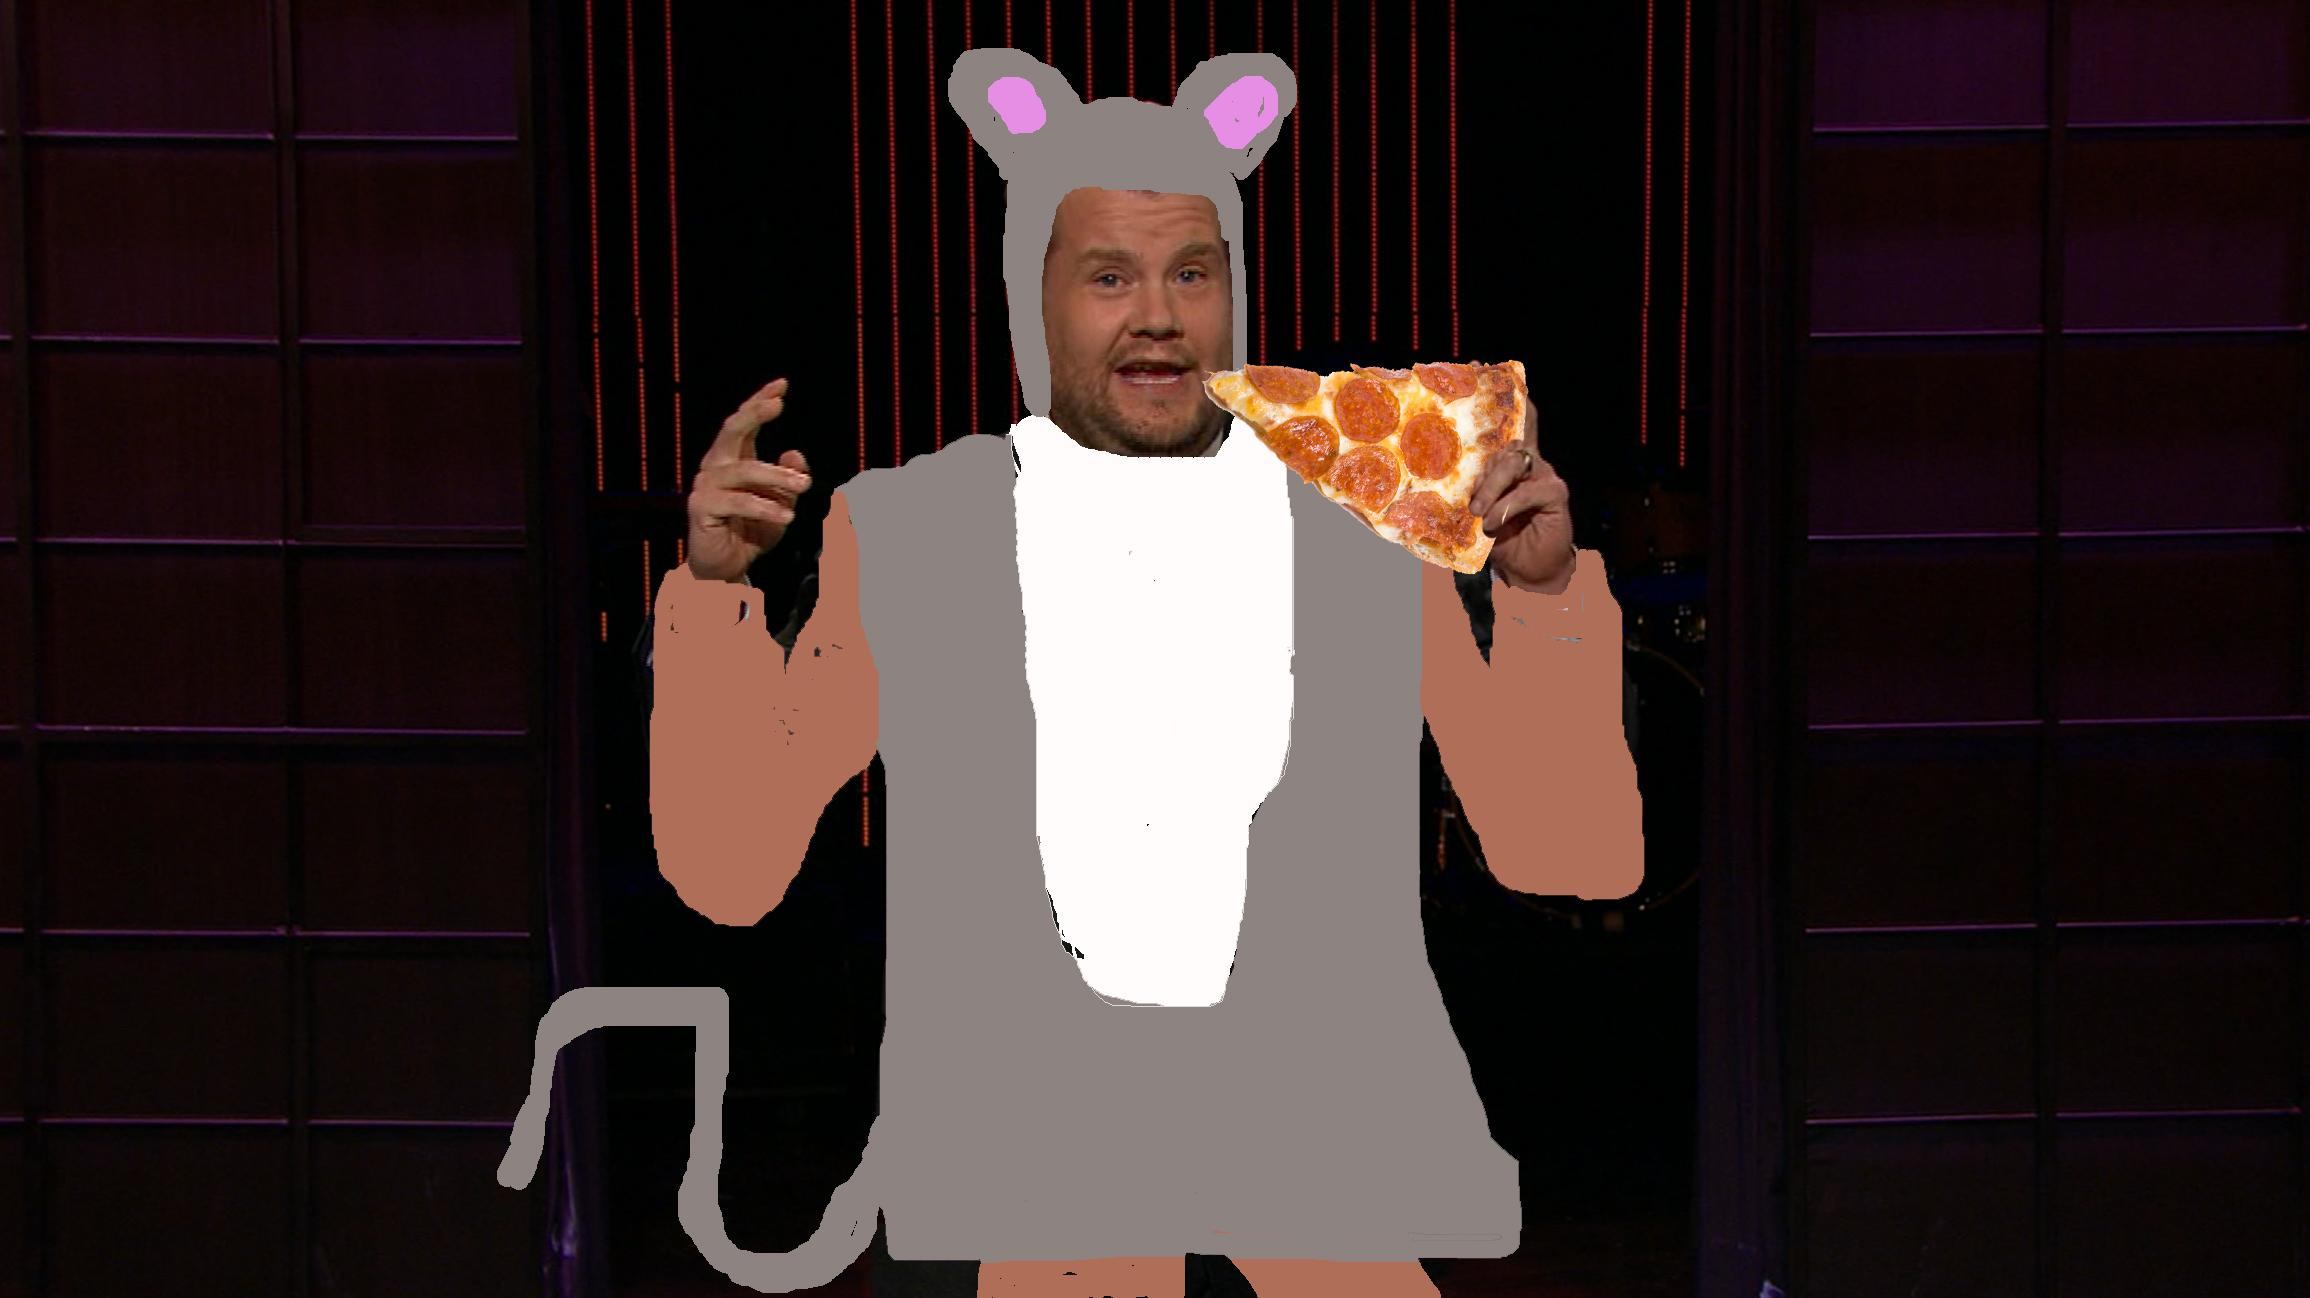 Sexy Pizza Rat